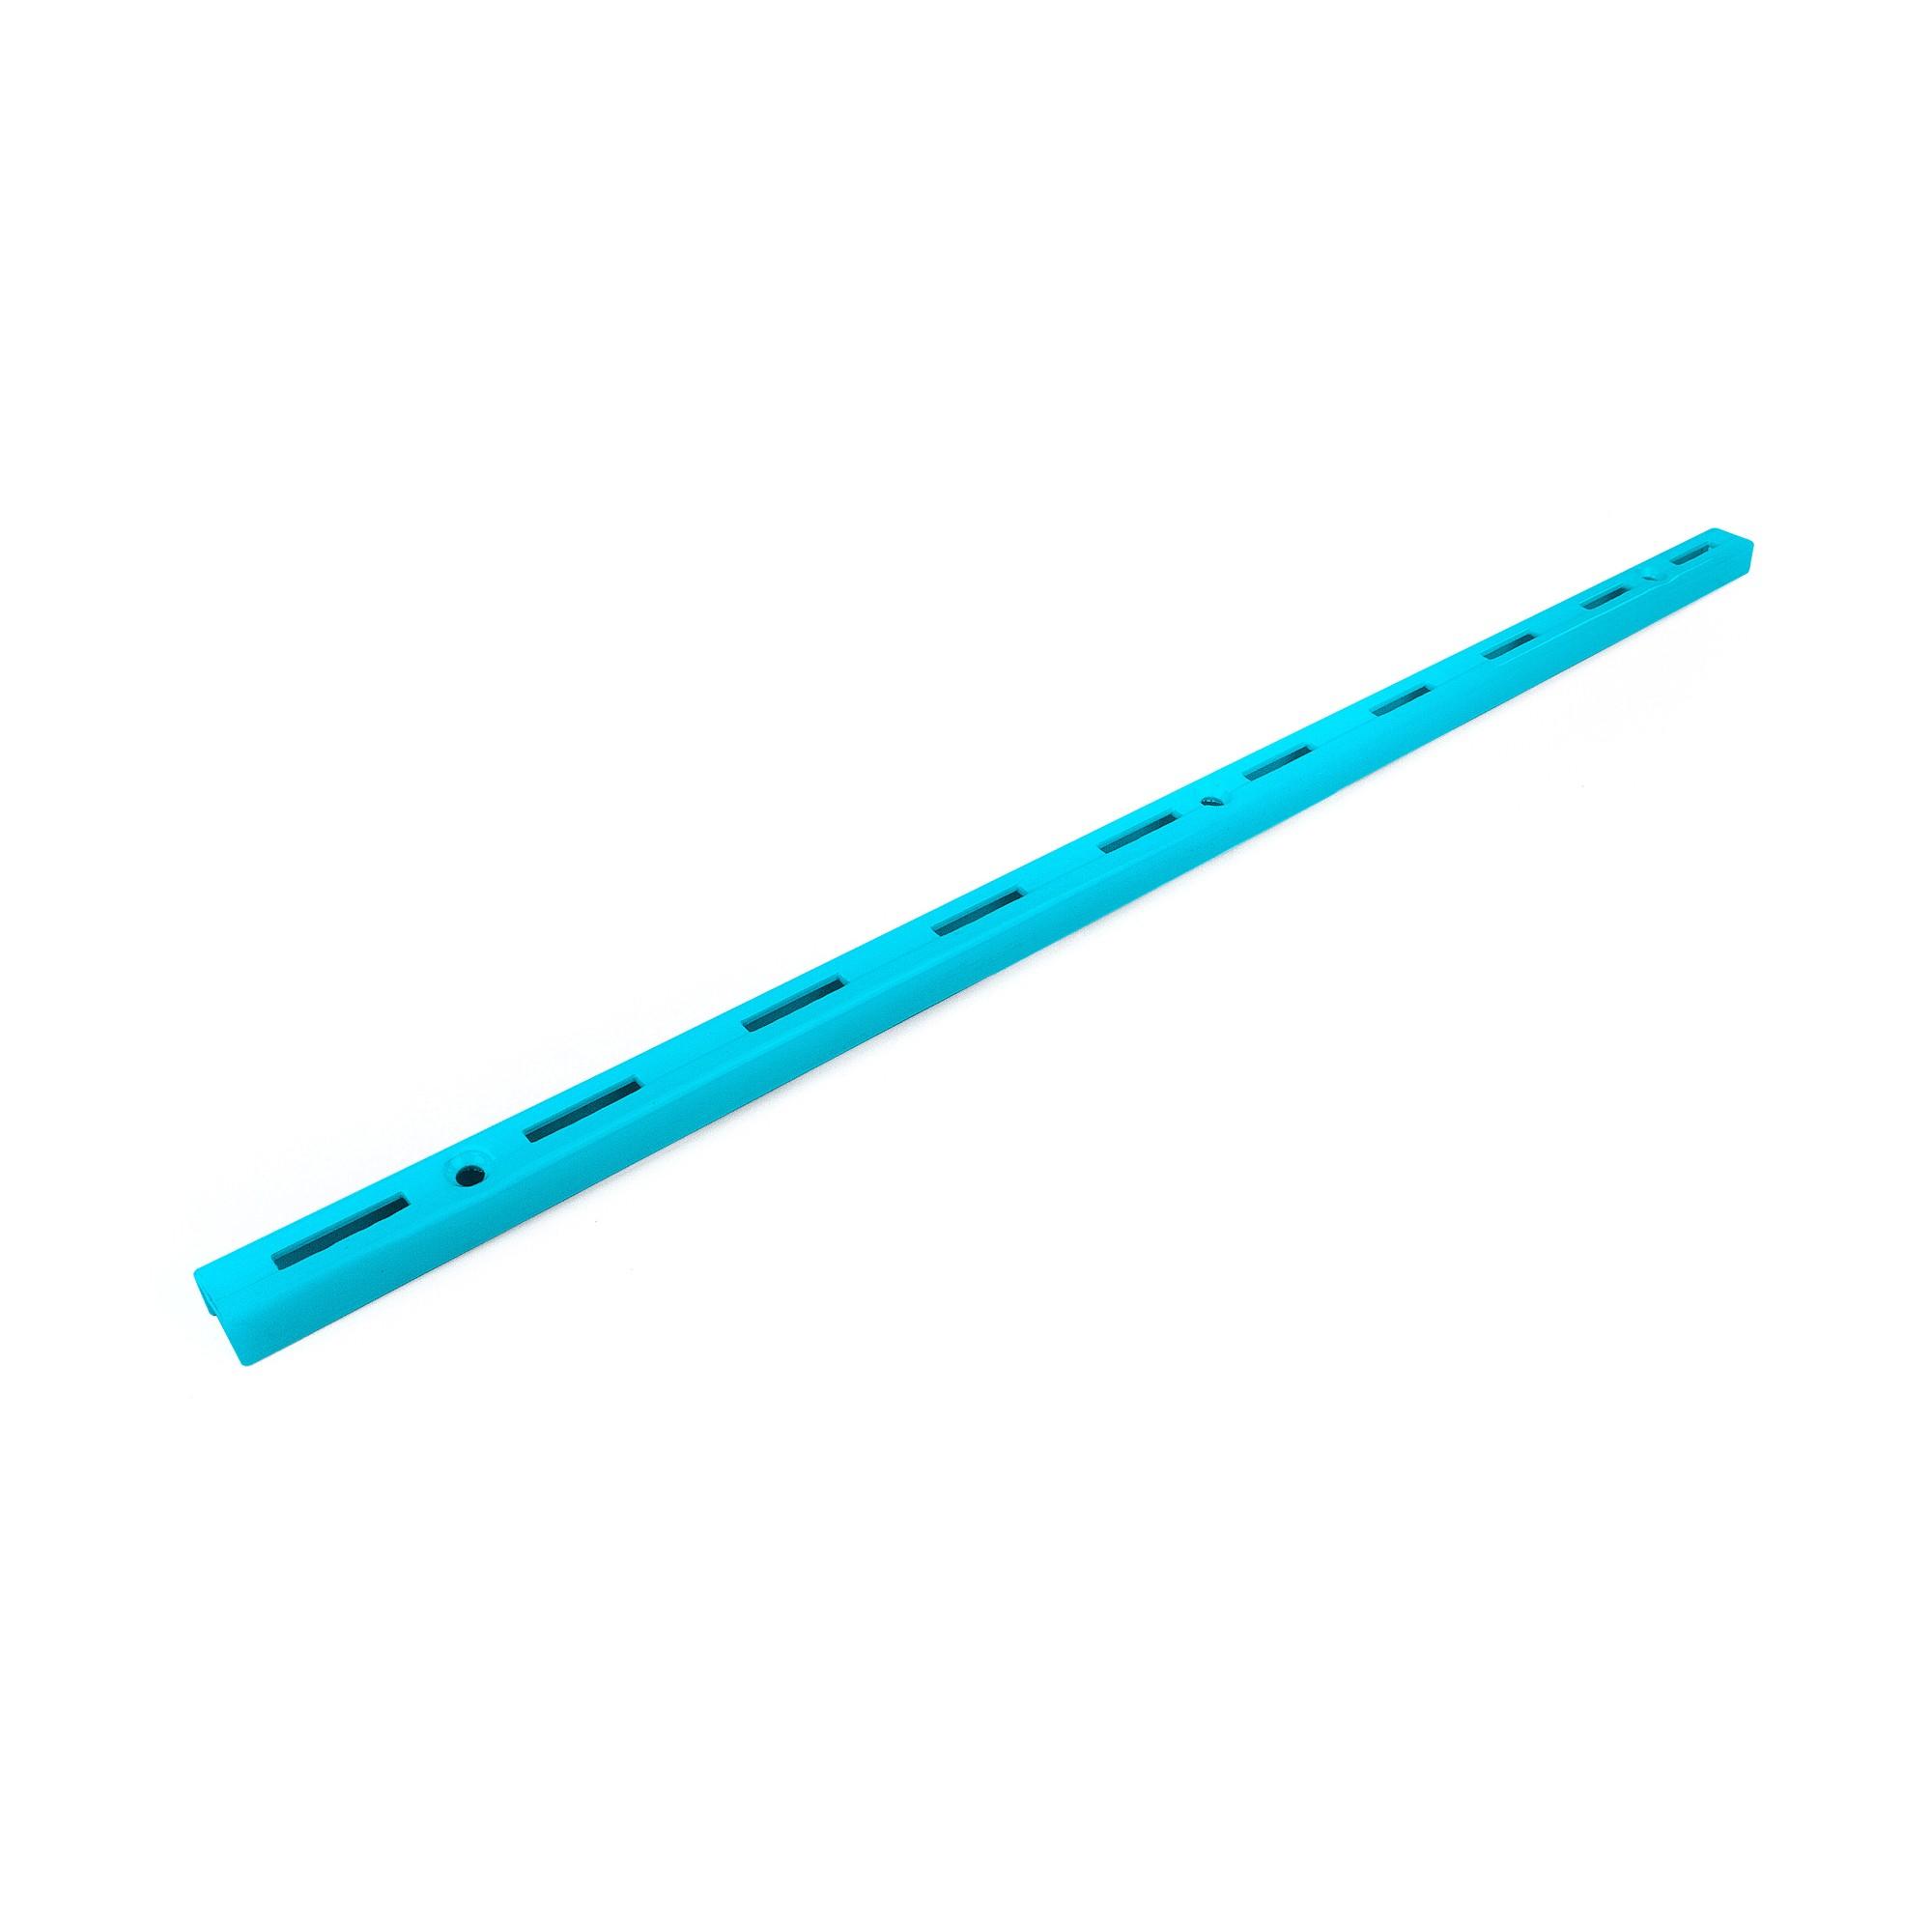 Trilho para Prateleira de Aco Encaixe Simples 50cm Azul acqua - Fico